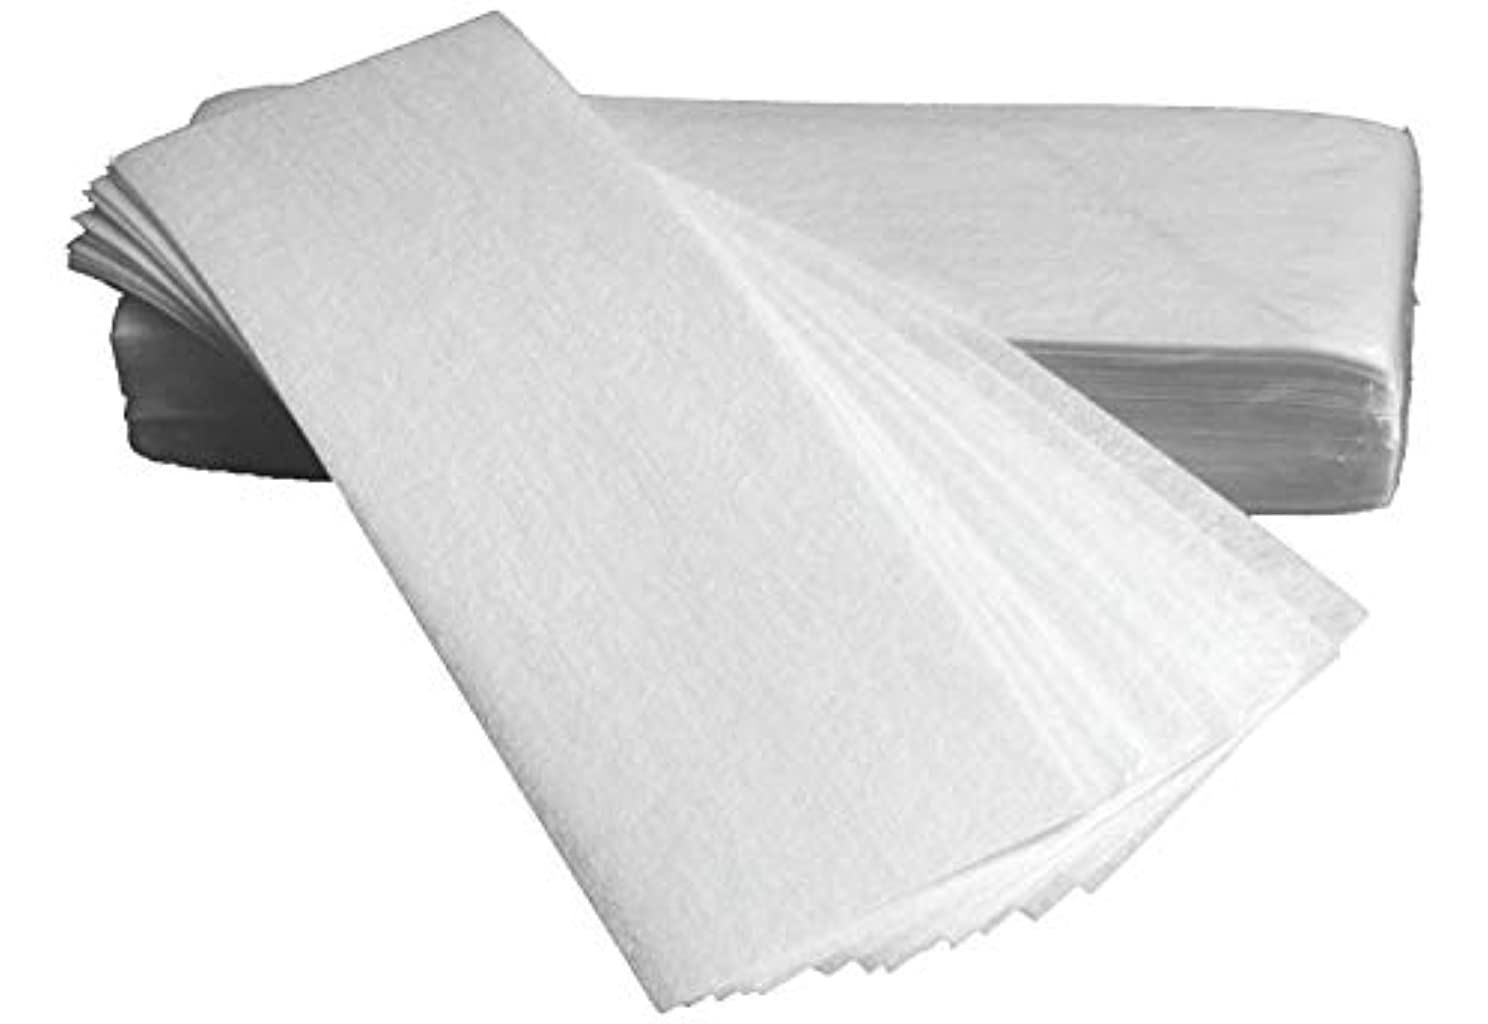 縫うレンダリング帰る1st market 100個の白い除去不織布ボディ布毛はワックスペーパーロールを削除します脱毛脱毛器ワックスストリップペーパーロールは便利で実用的です